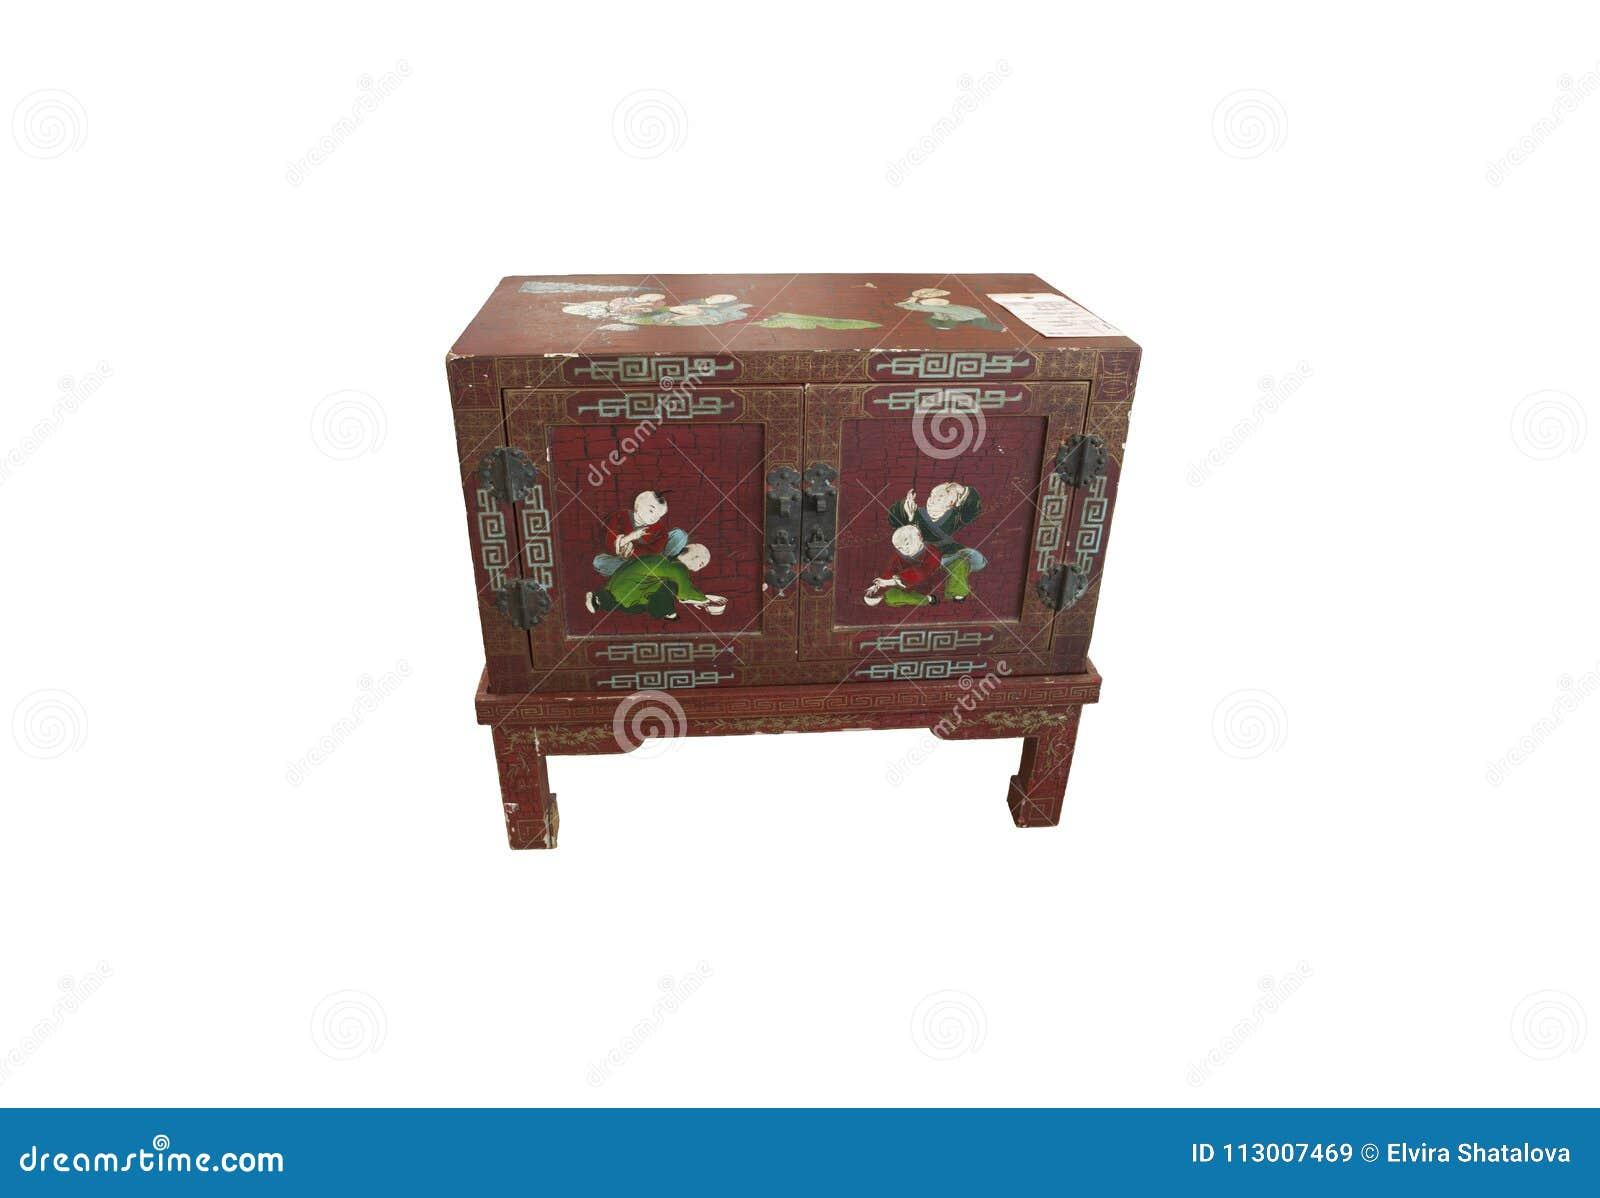 Asombroso Carril De La Vendimia Muebles De Esperanza En El Pecho ...